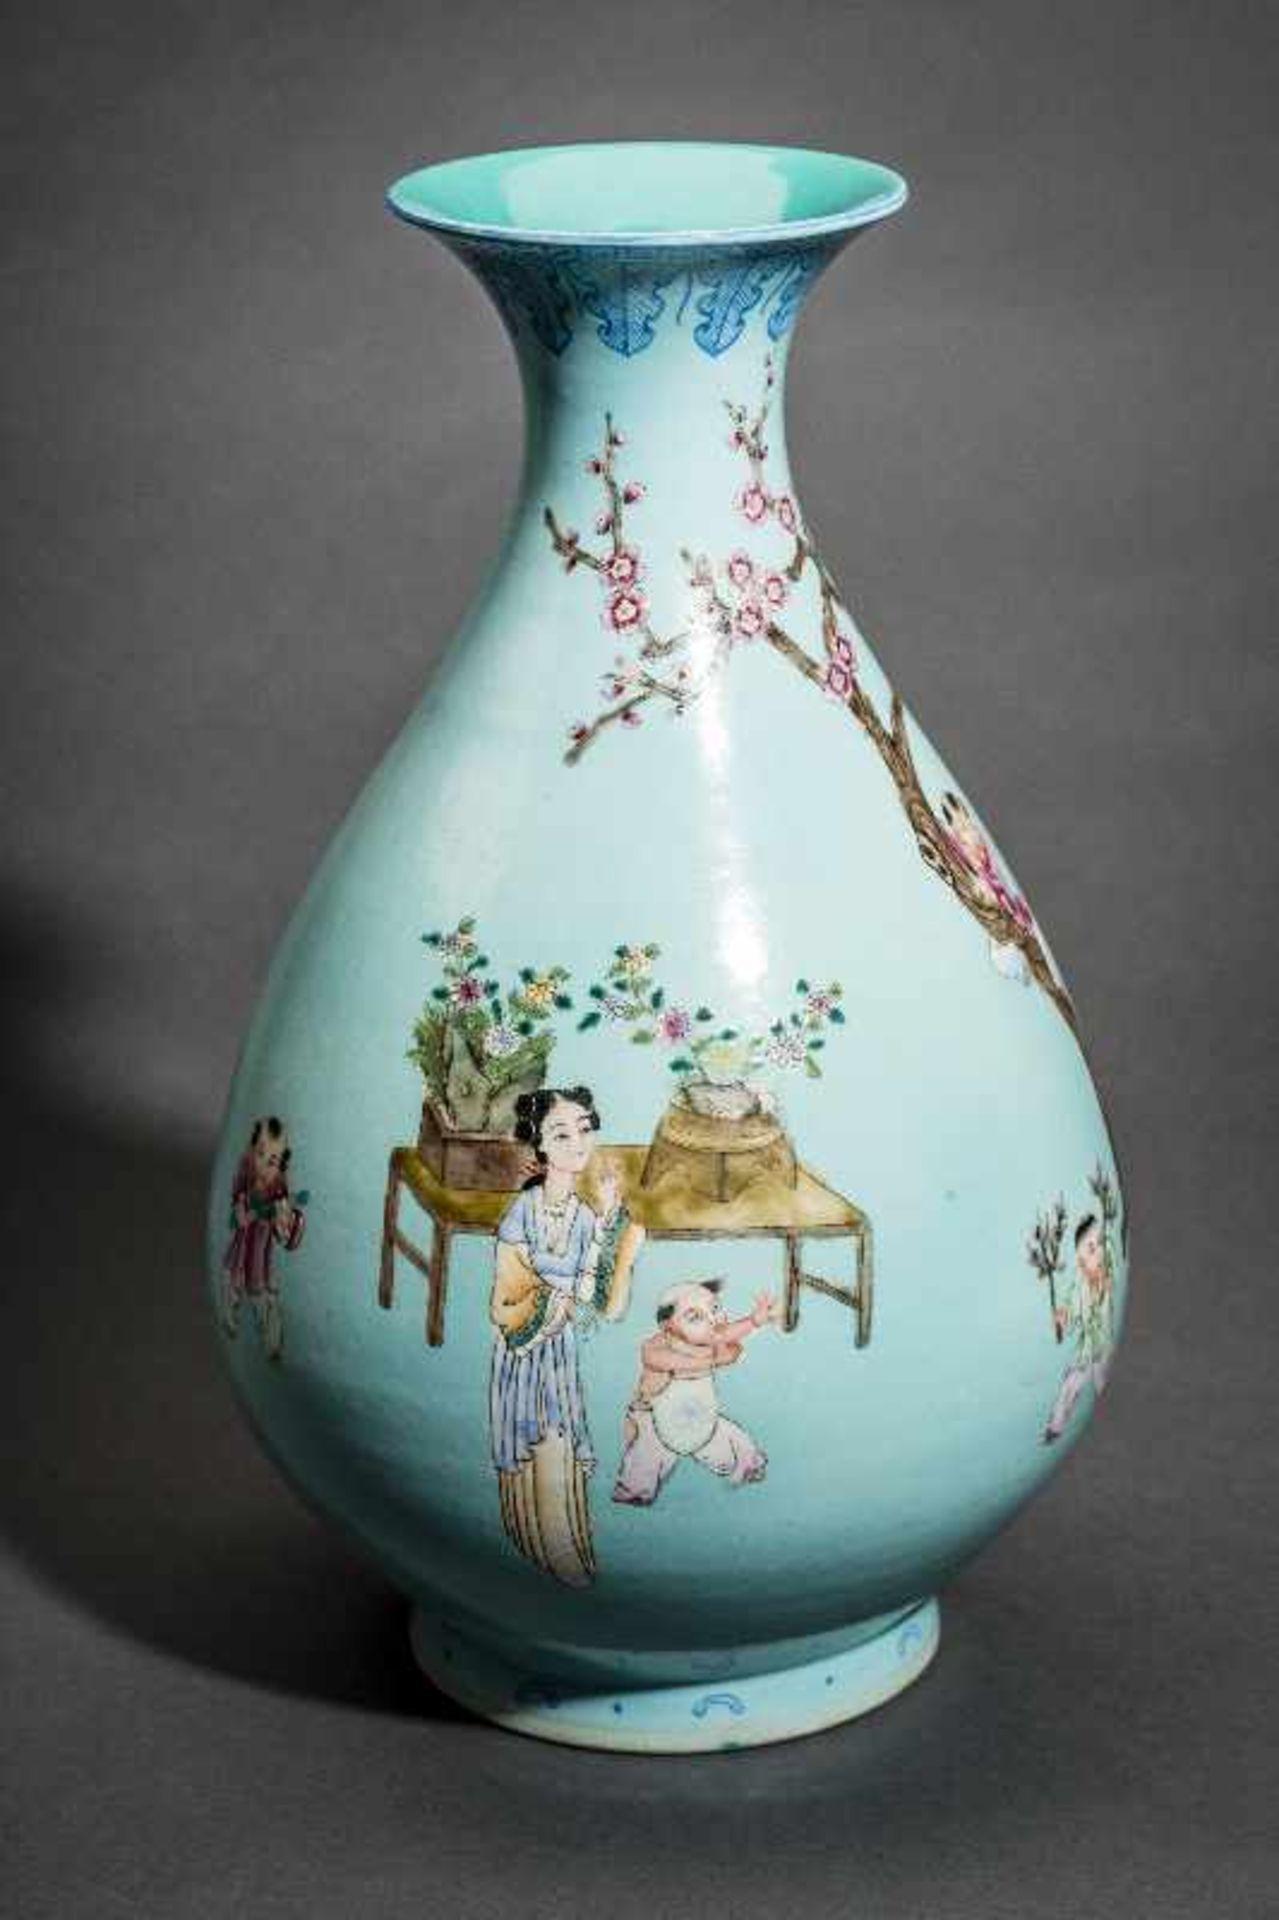 GROSSE VASE MIT SPIELENDEN KNABEN Porzellan mit Emailfarben. China, Auf türkis-blaugrünem Grund sind - Image 3 of 4